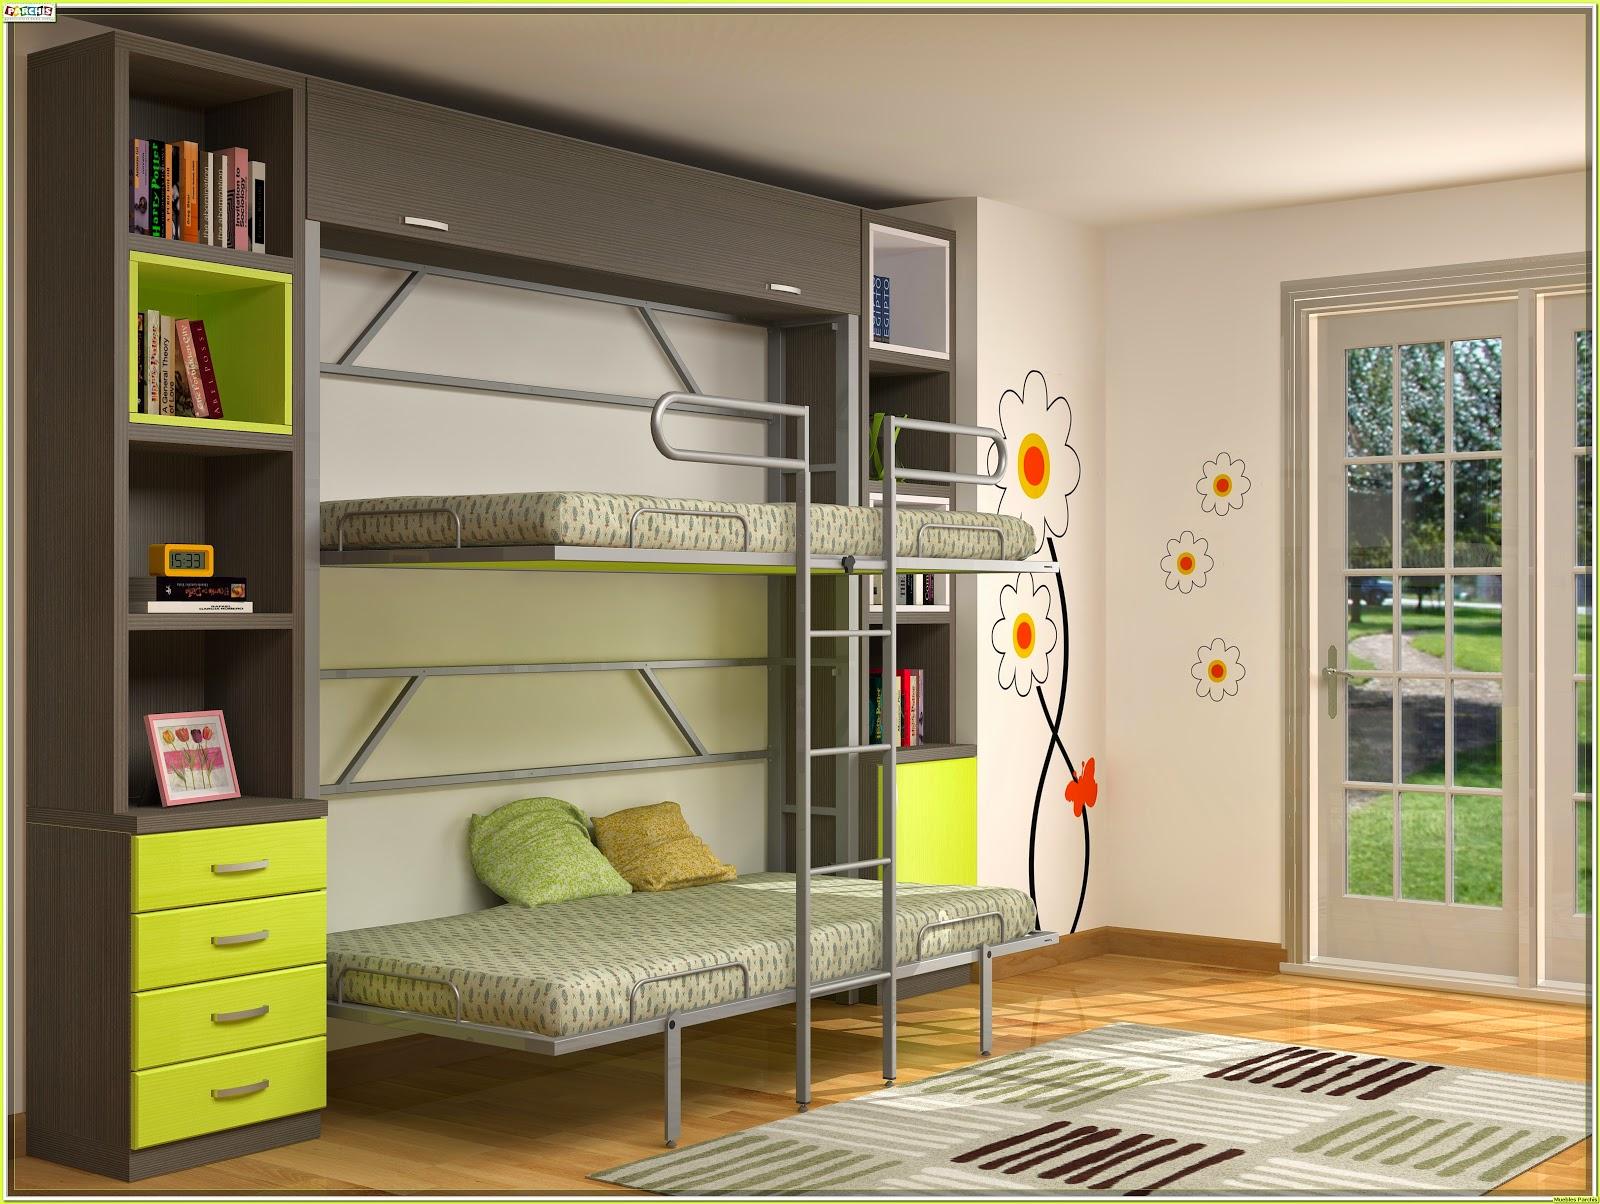 Muebles juveniles dormitorios infantiles y habitaciones for Muebles literas infantiles